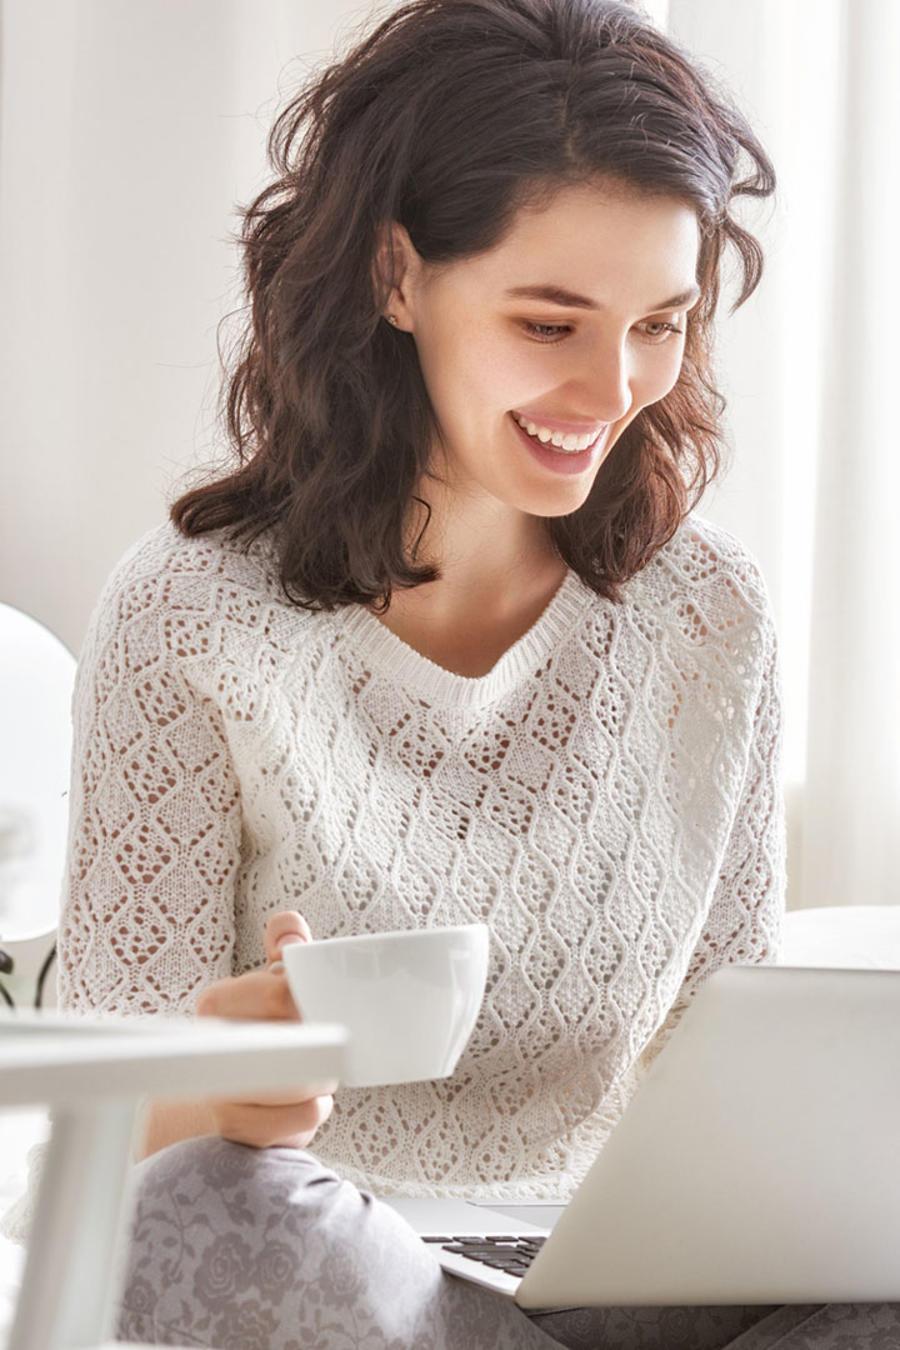 Mujer joven trabajando con su laptop